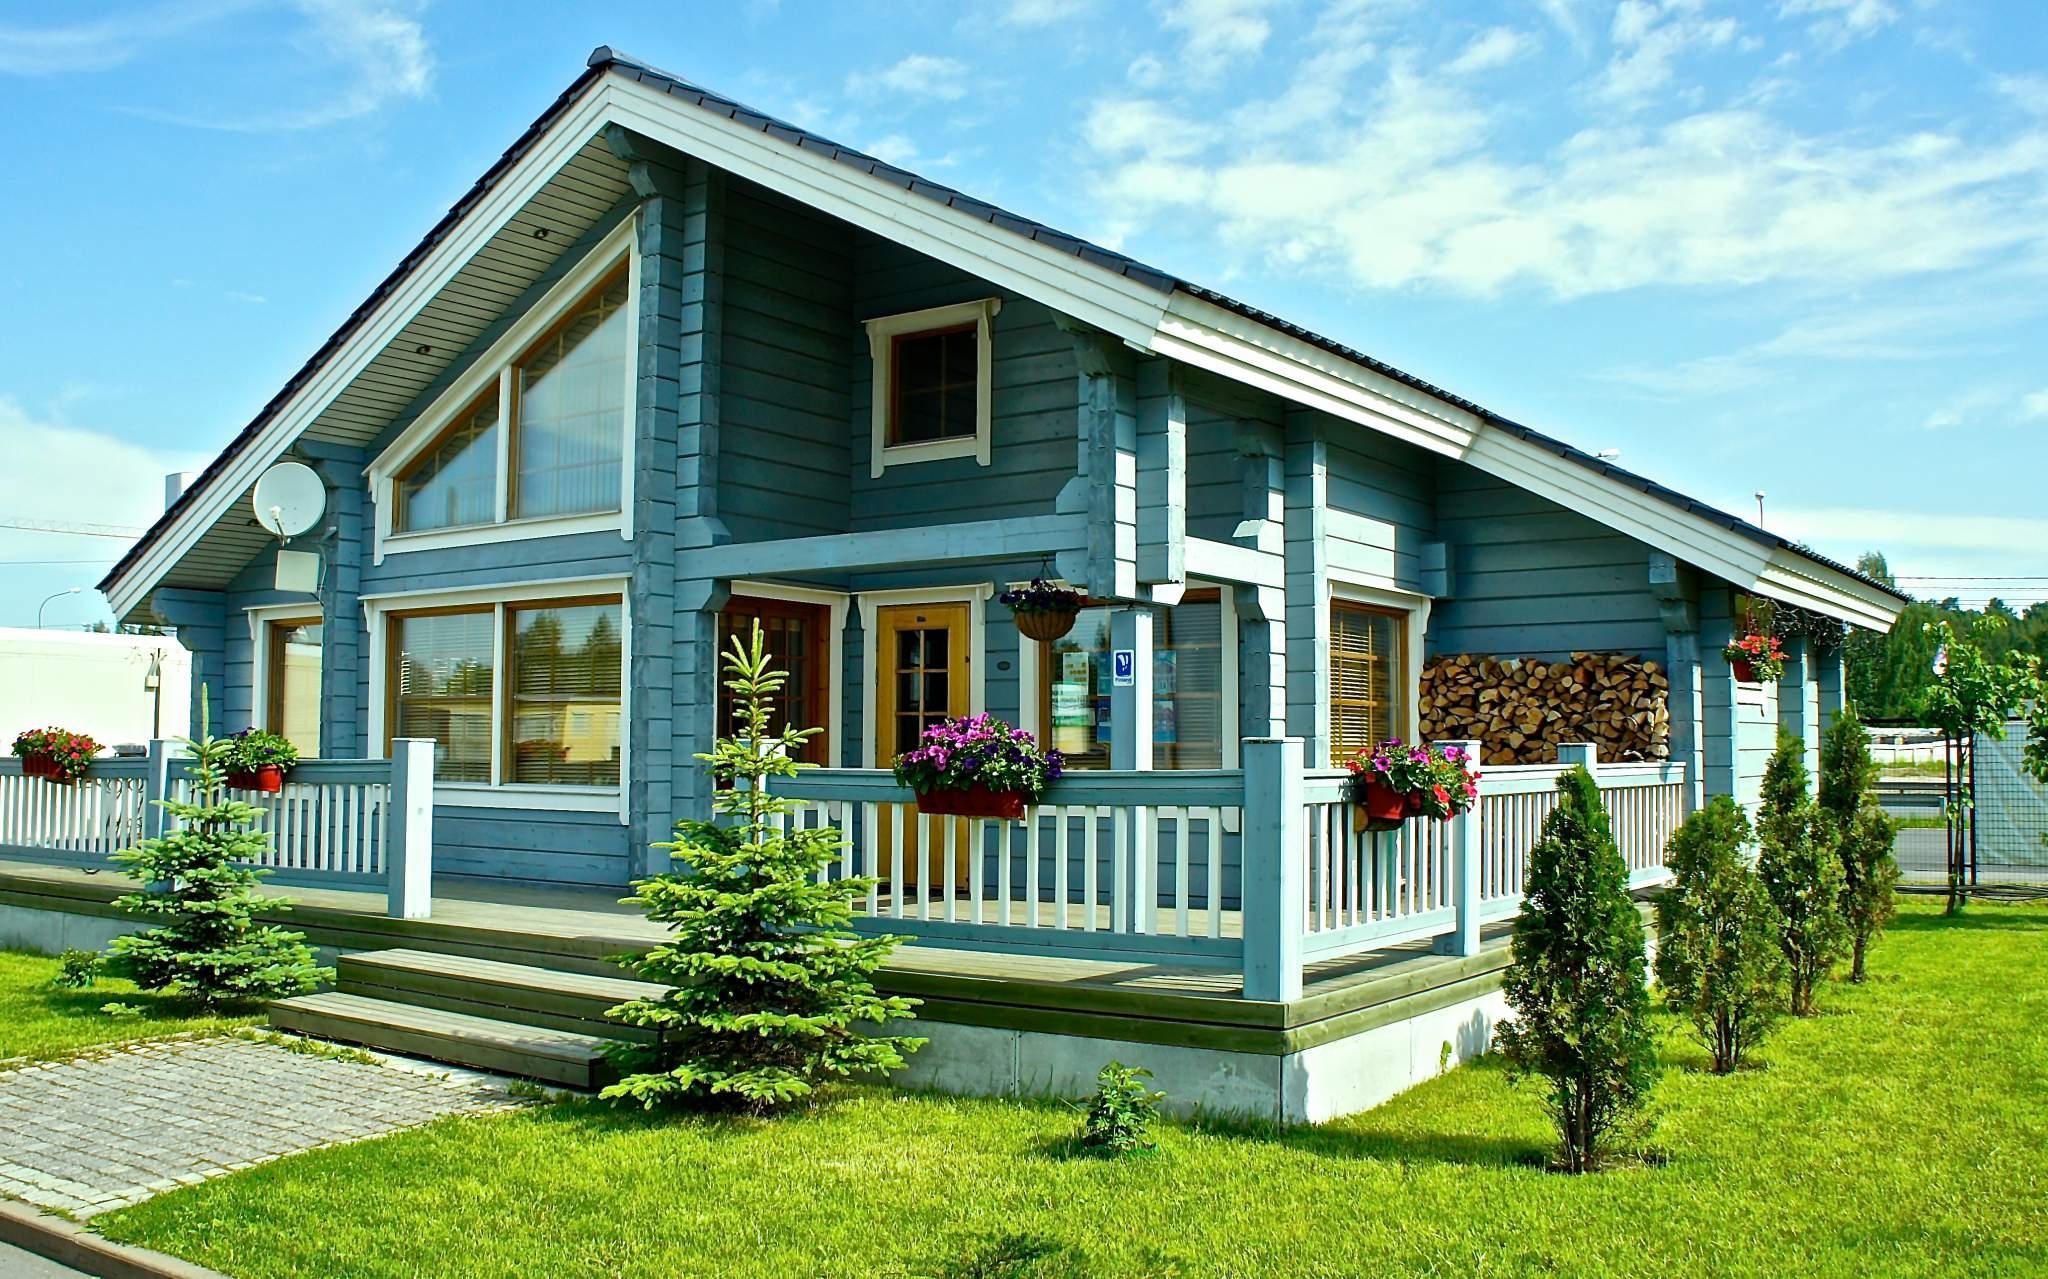 отзывы, сравнивайте финские дома из бруса проекты фото комплект компактен